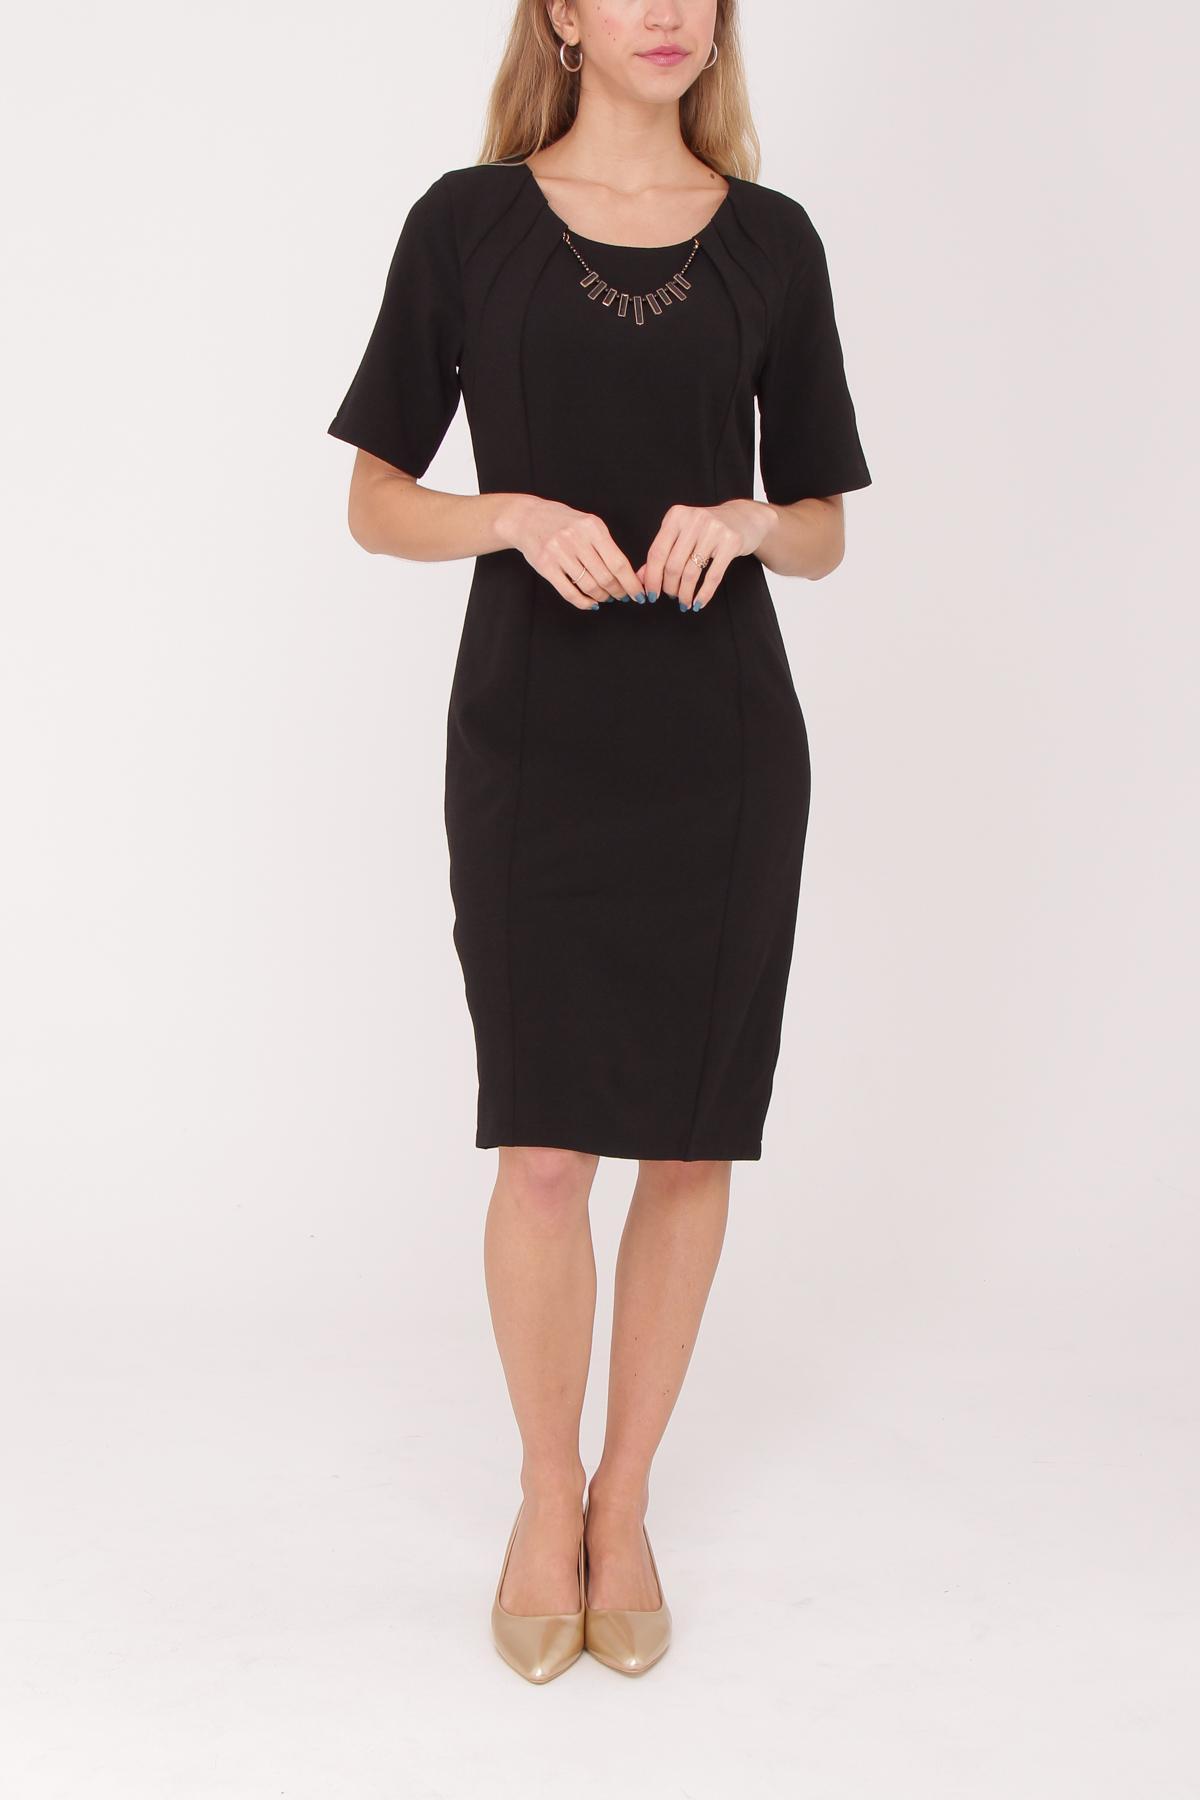 Robes mi-longues Femme Noir Ashwi ASS-1734 #c eFashion Paris